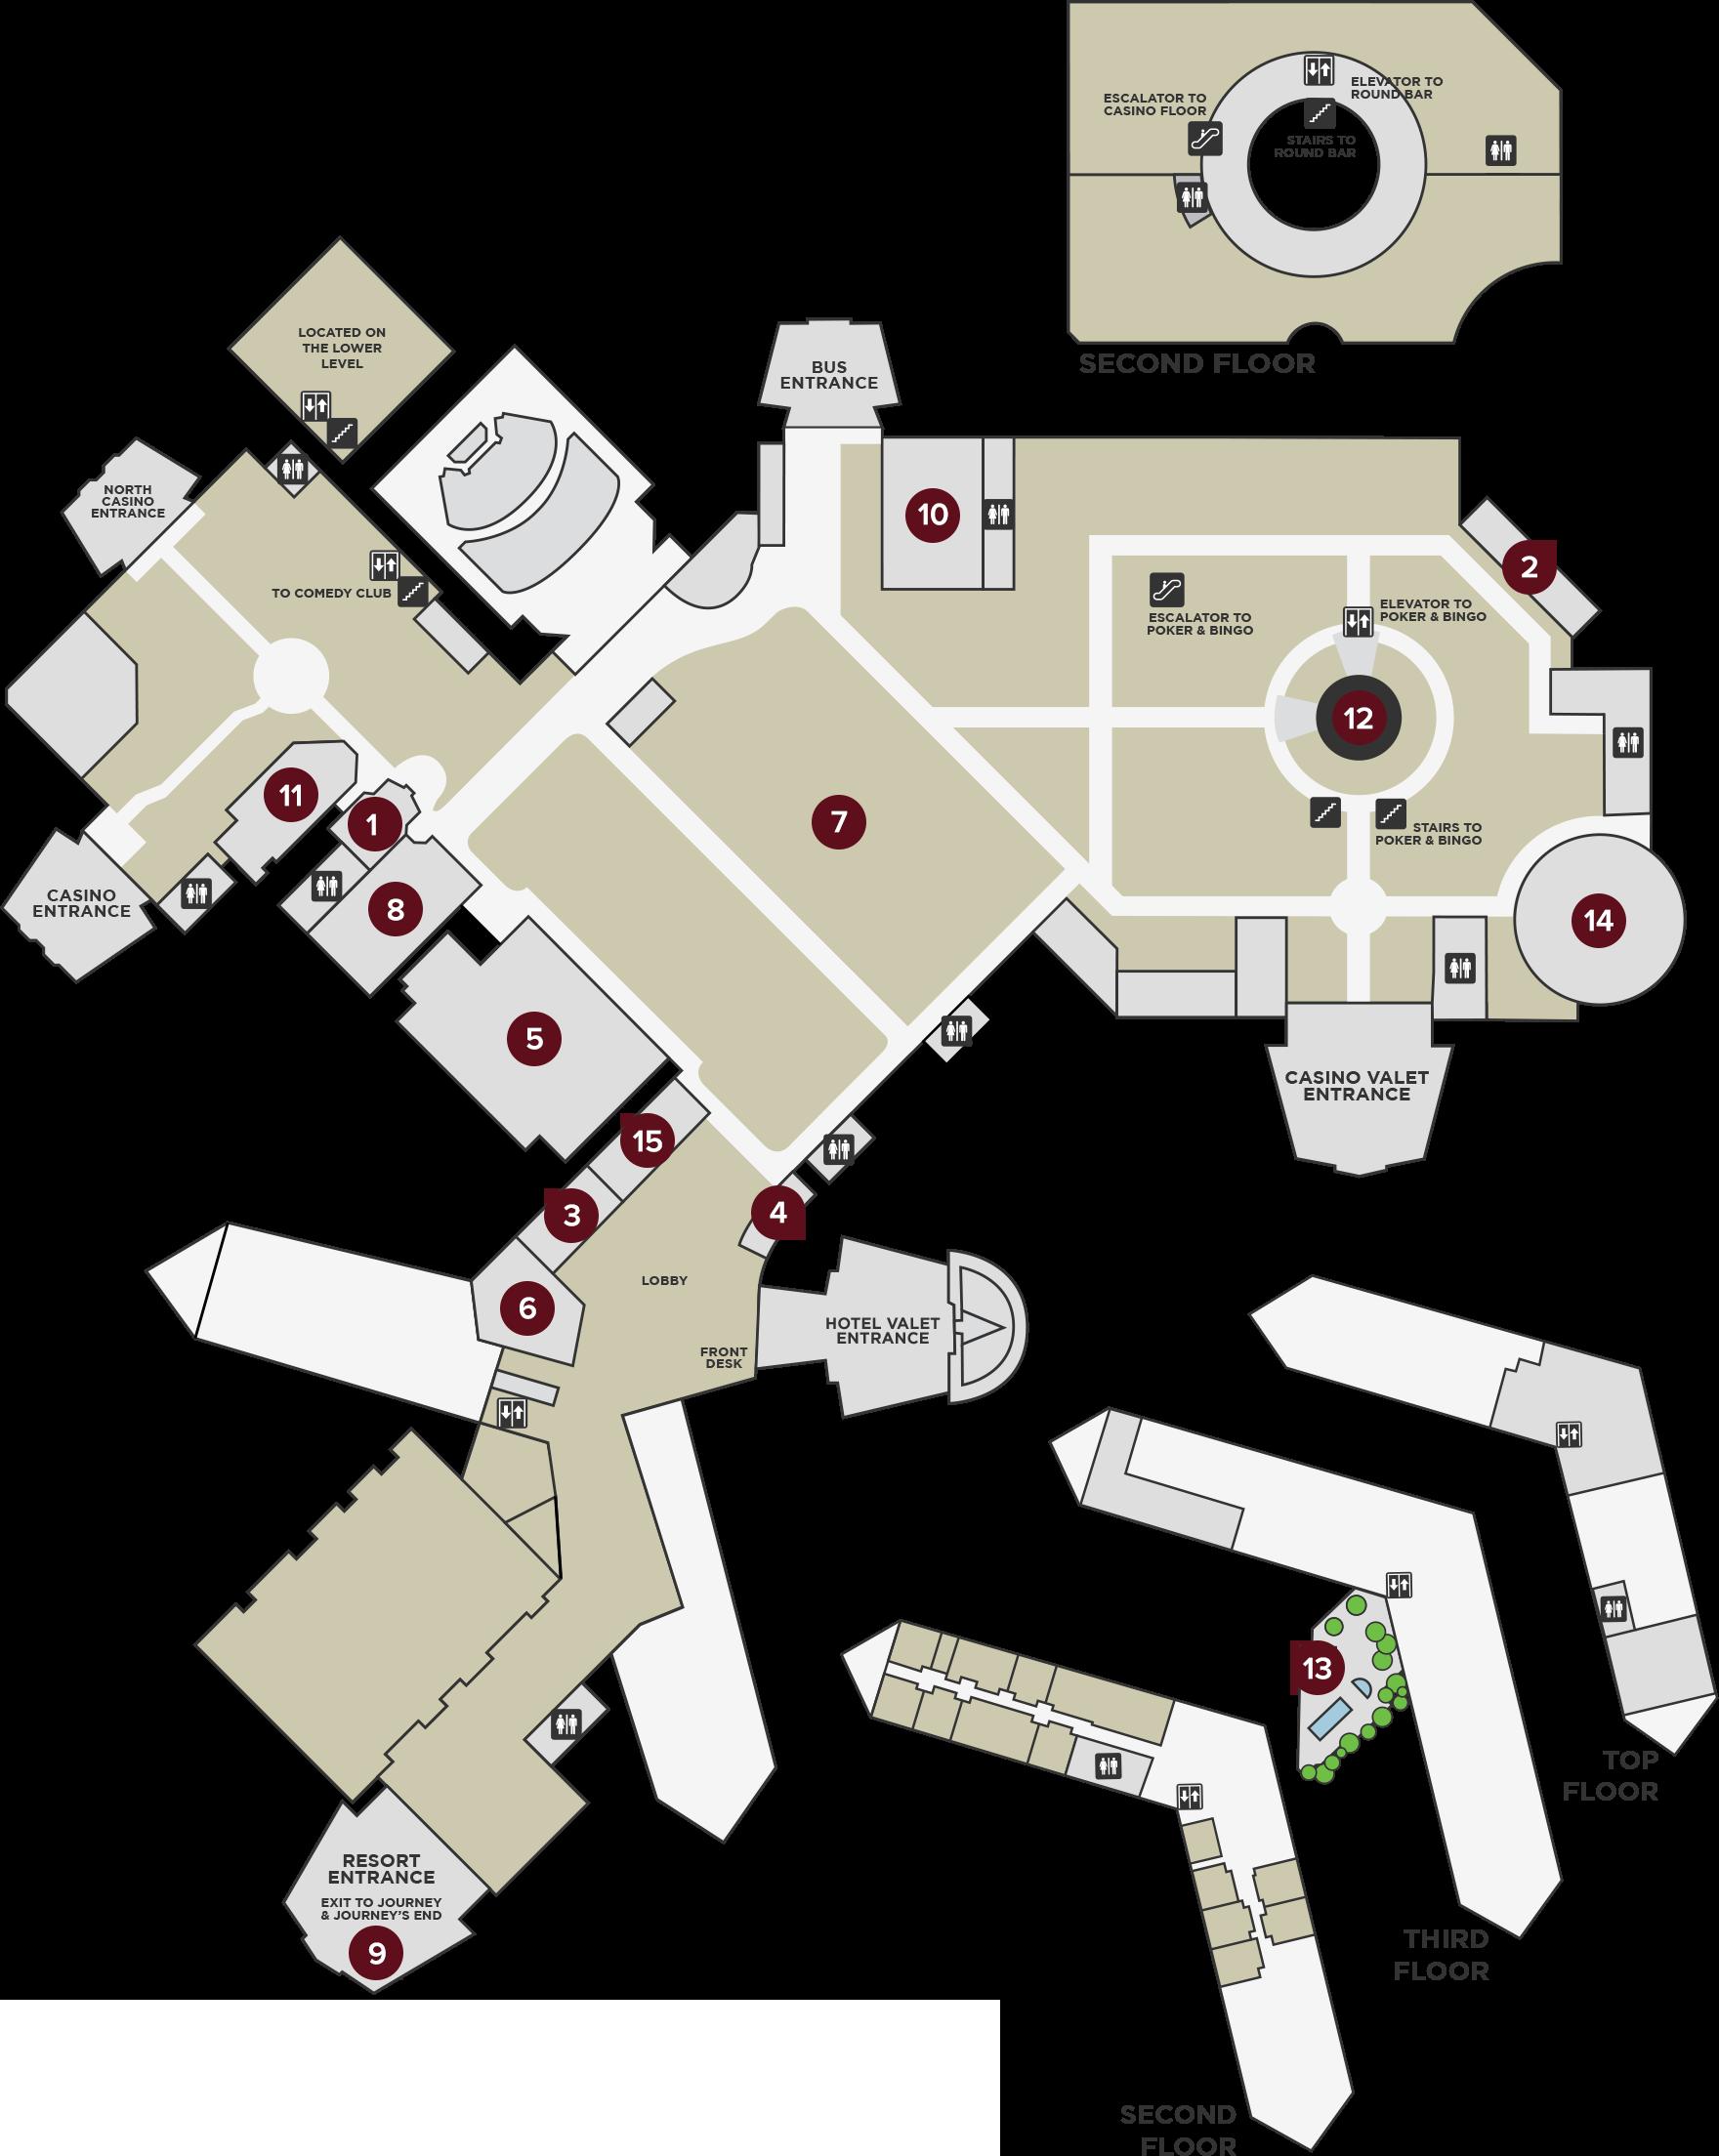 Property map pechanga resort casino for Floor 5 map swordburst 2